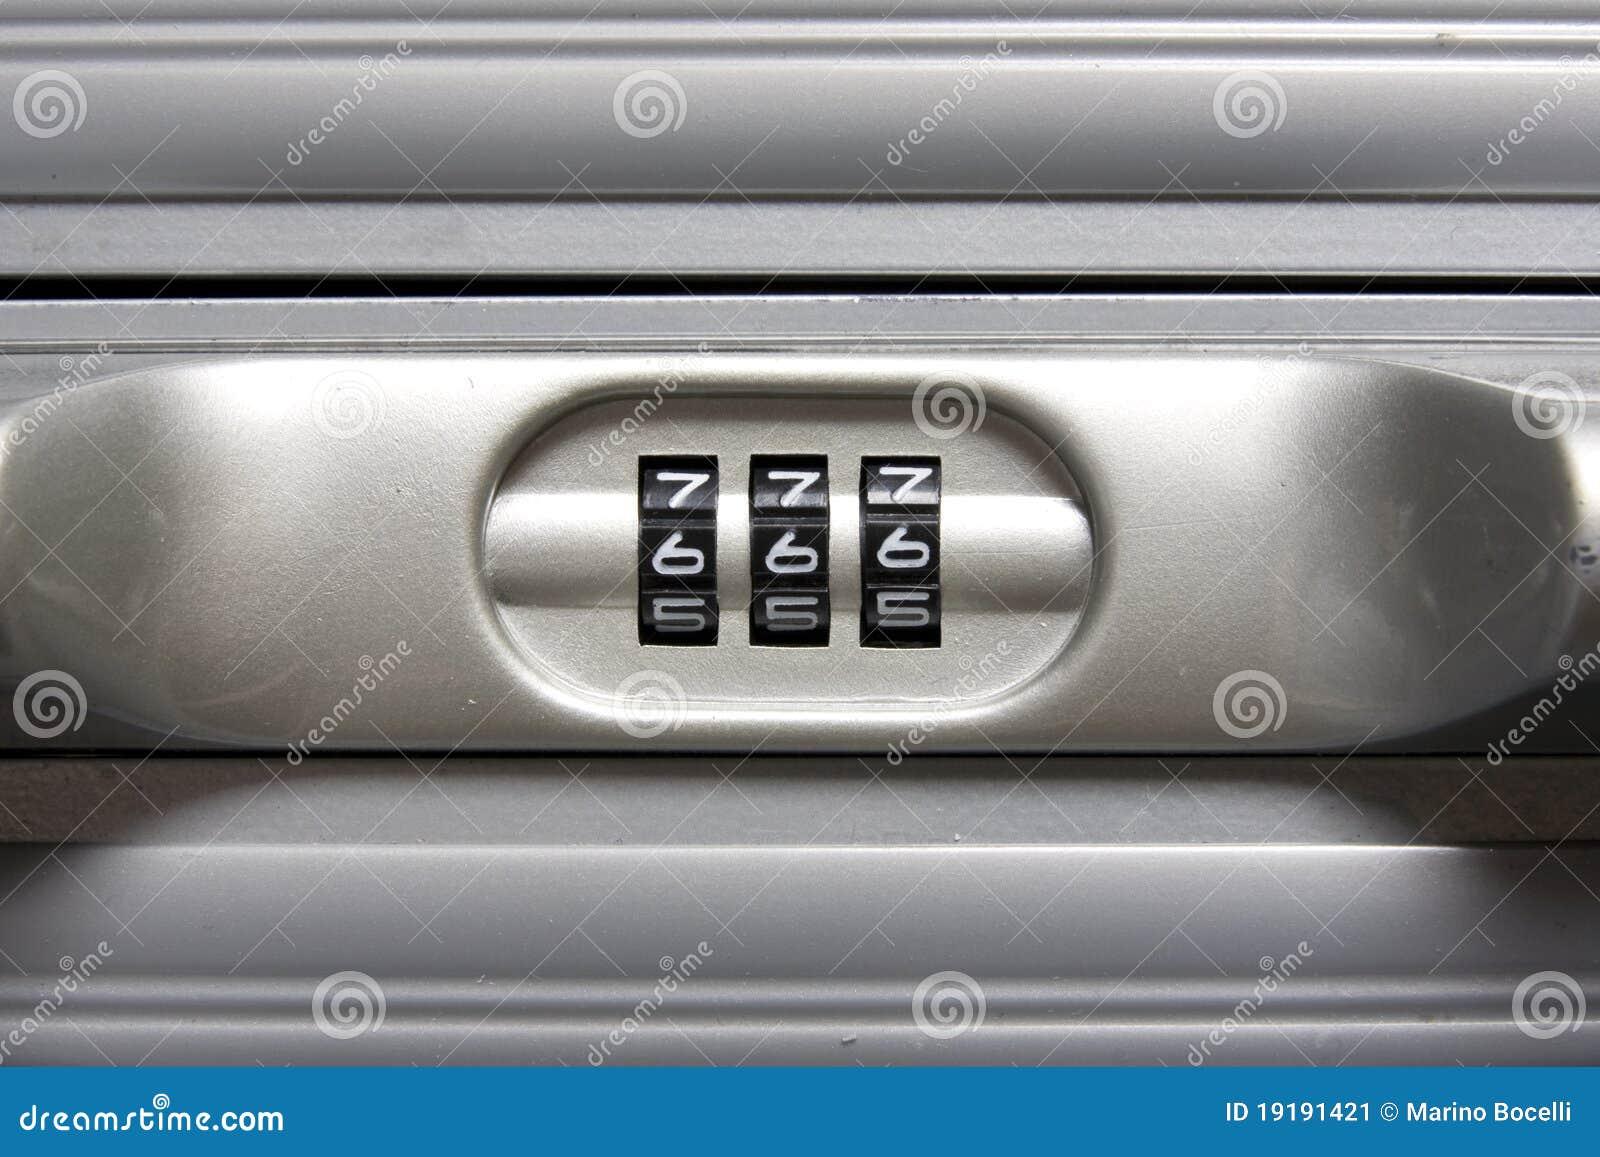 野兽号码锁编号